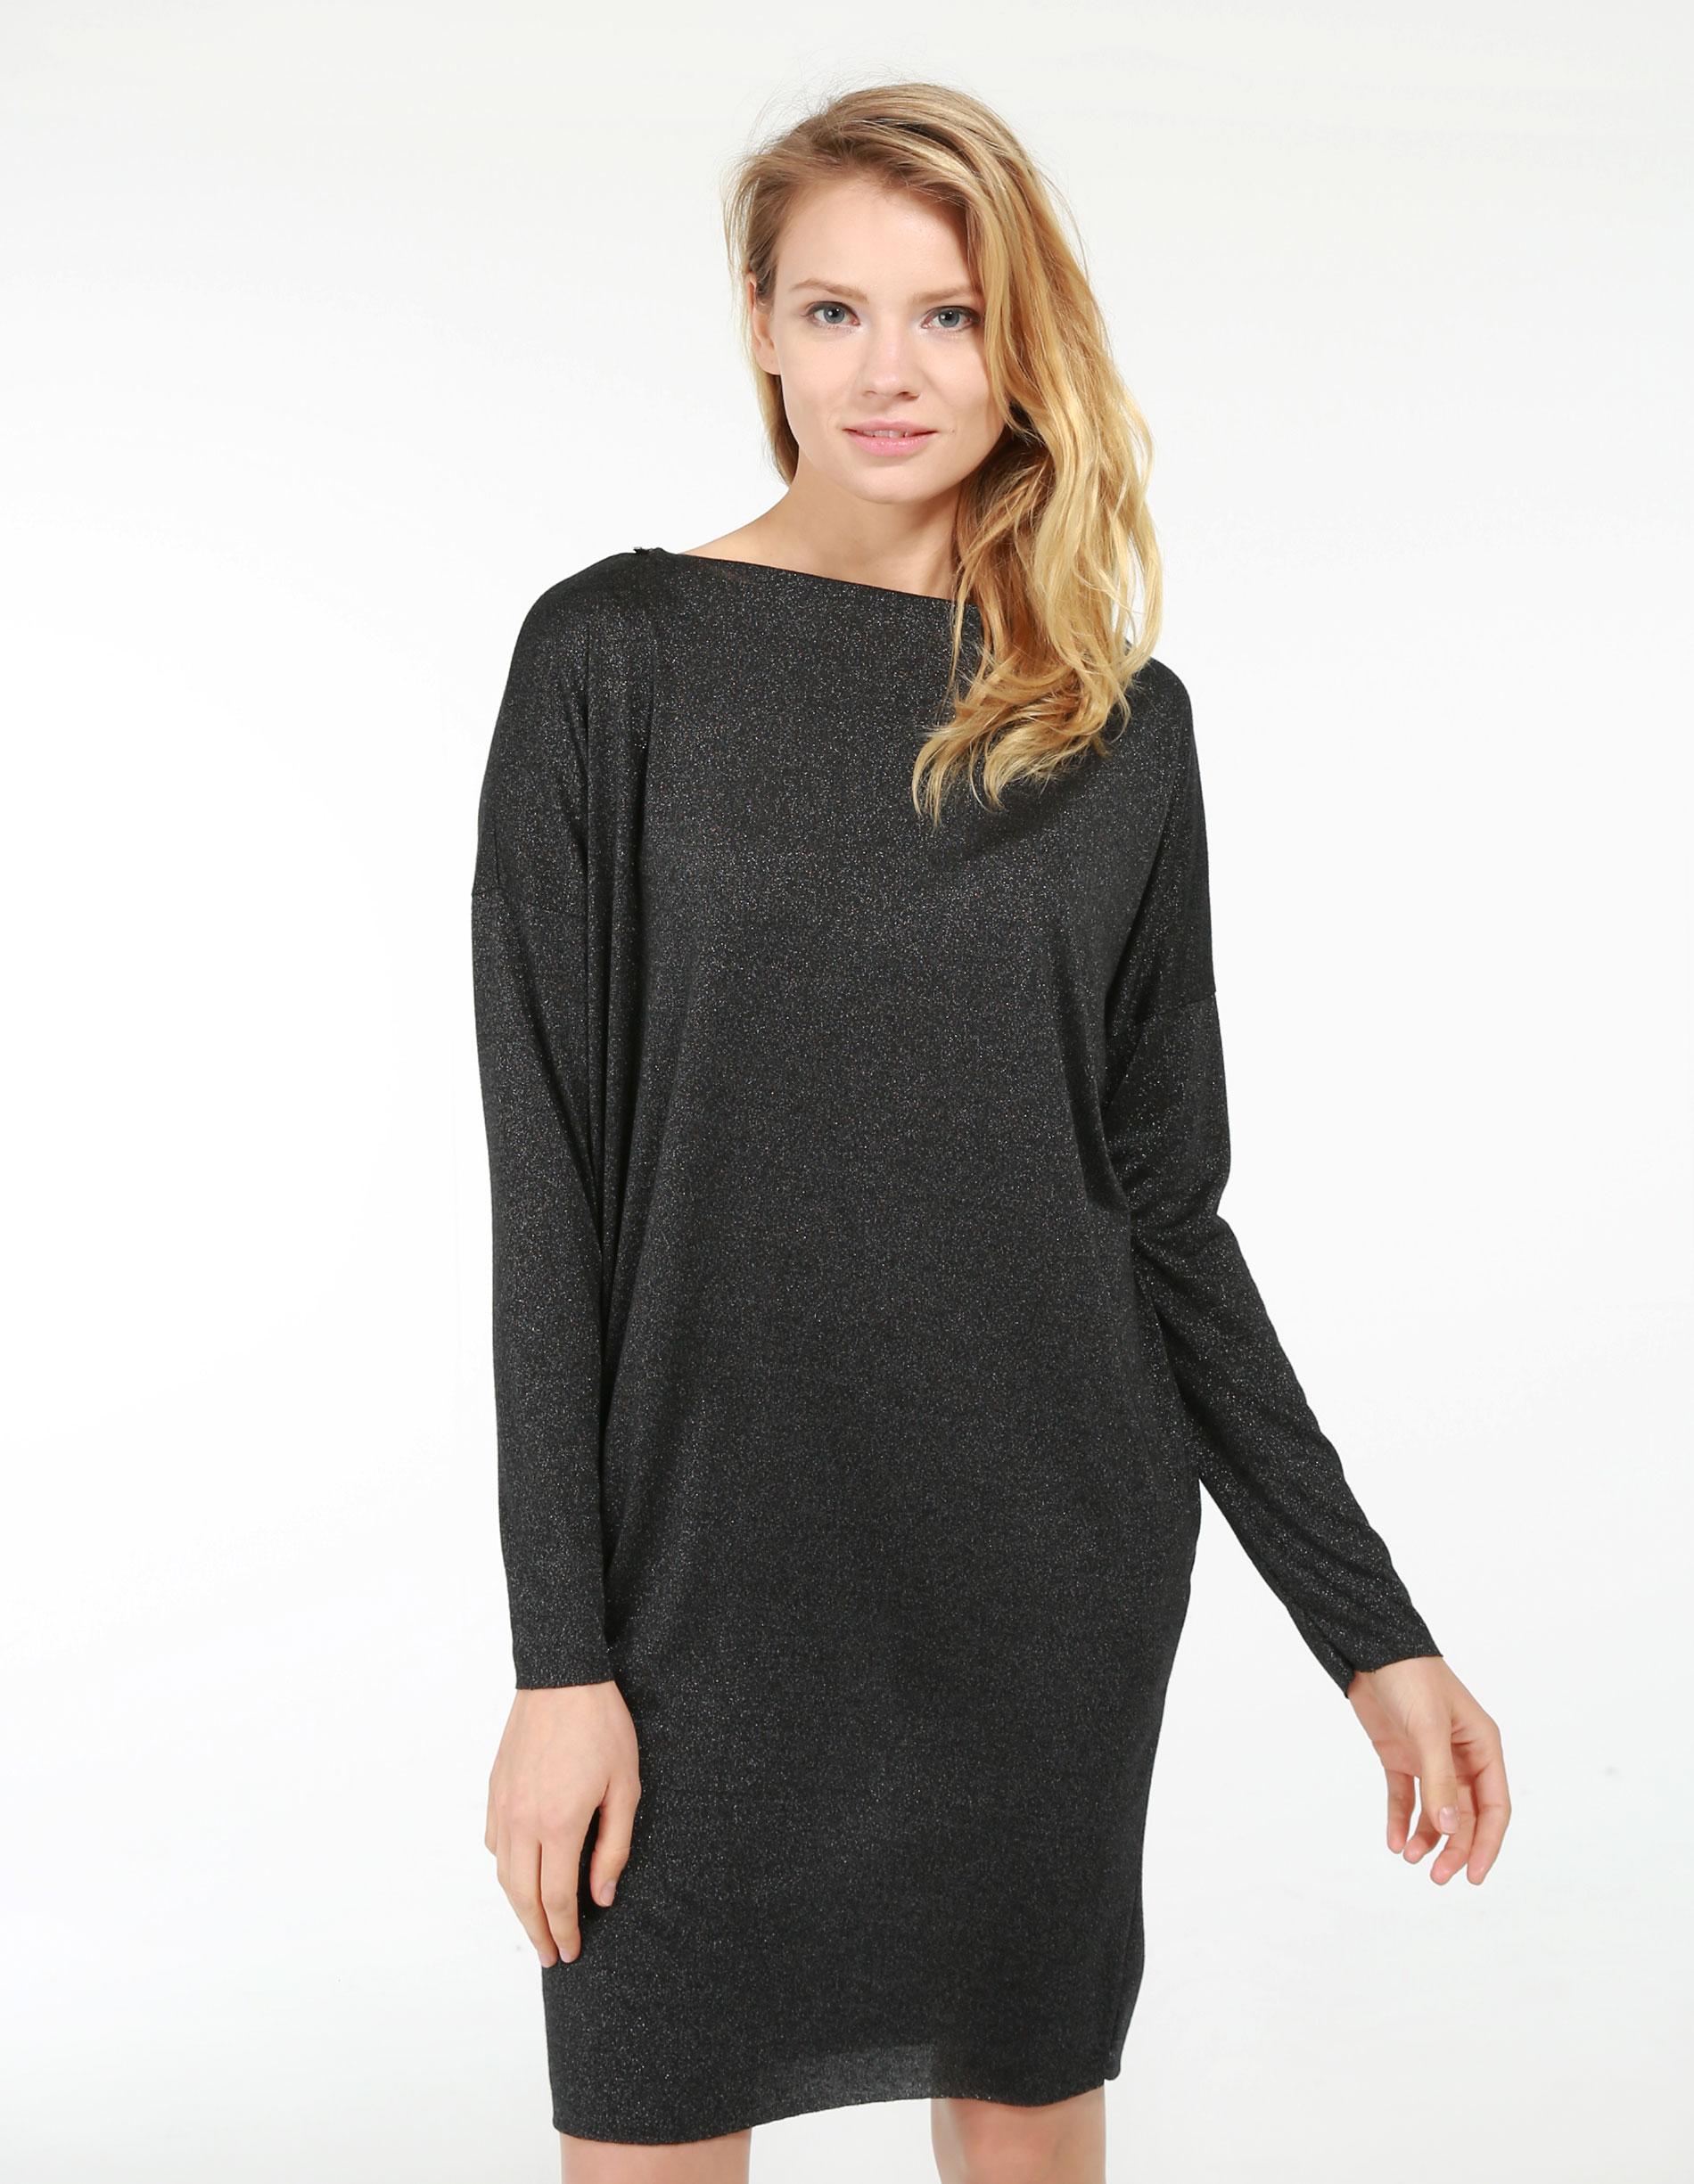 Sukienka - 30-84477VL NE - Unisono